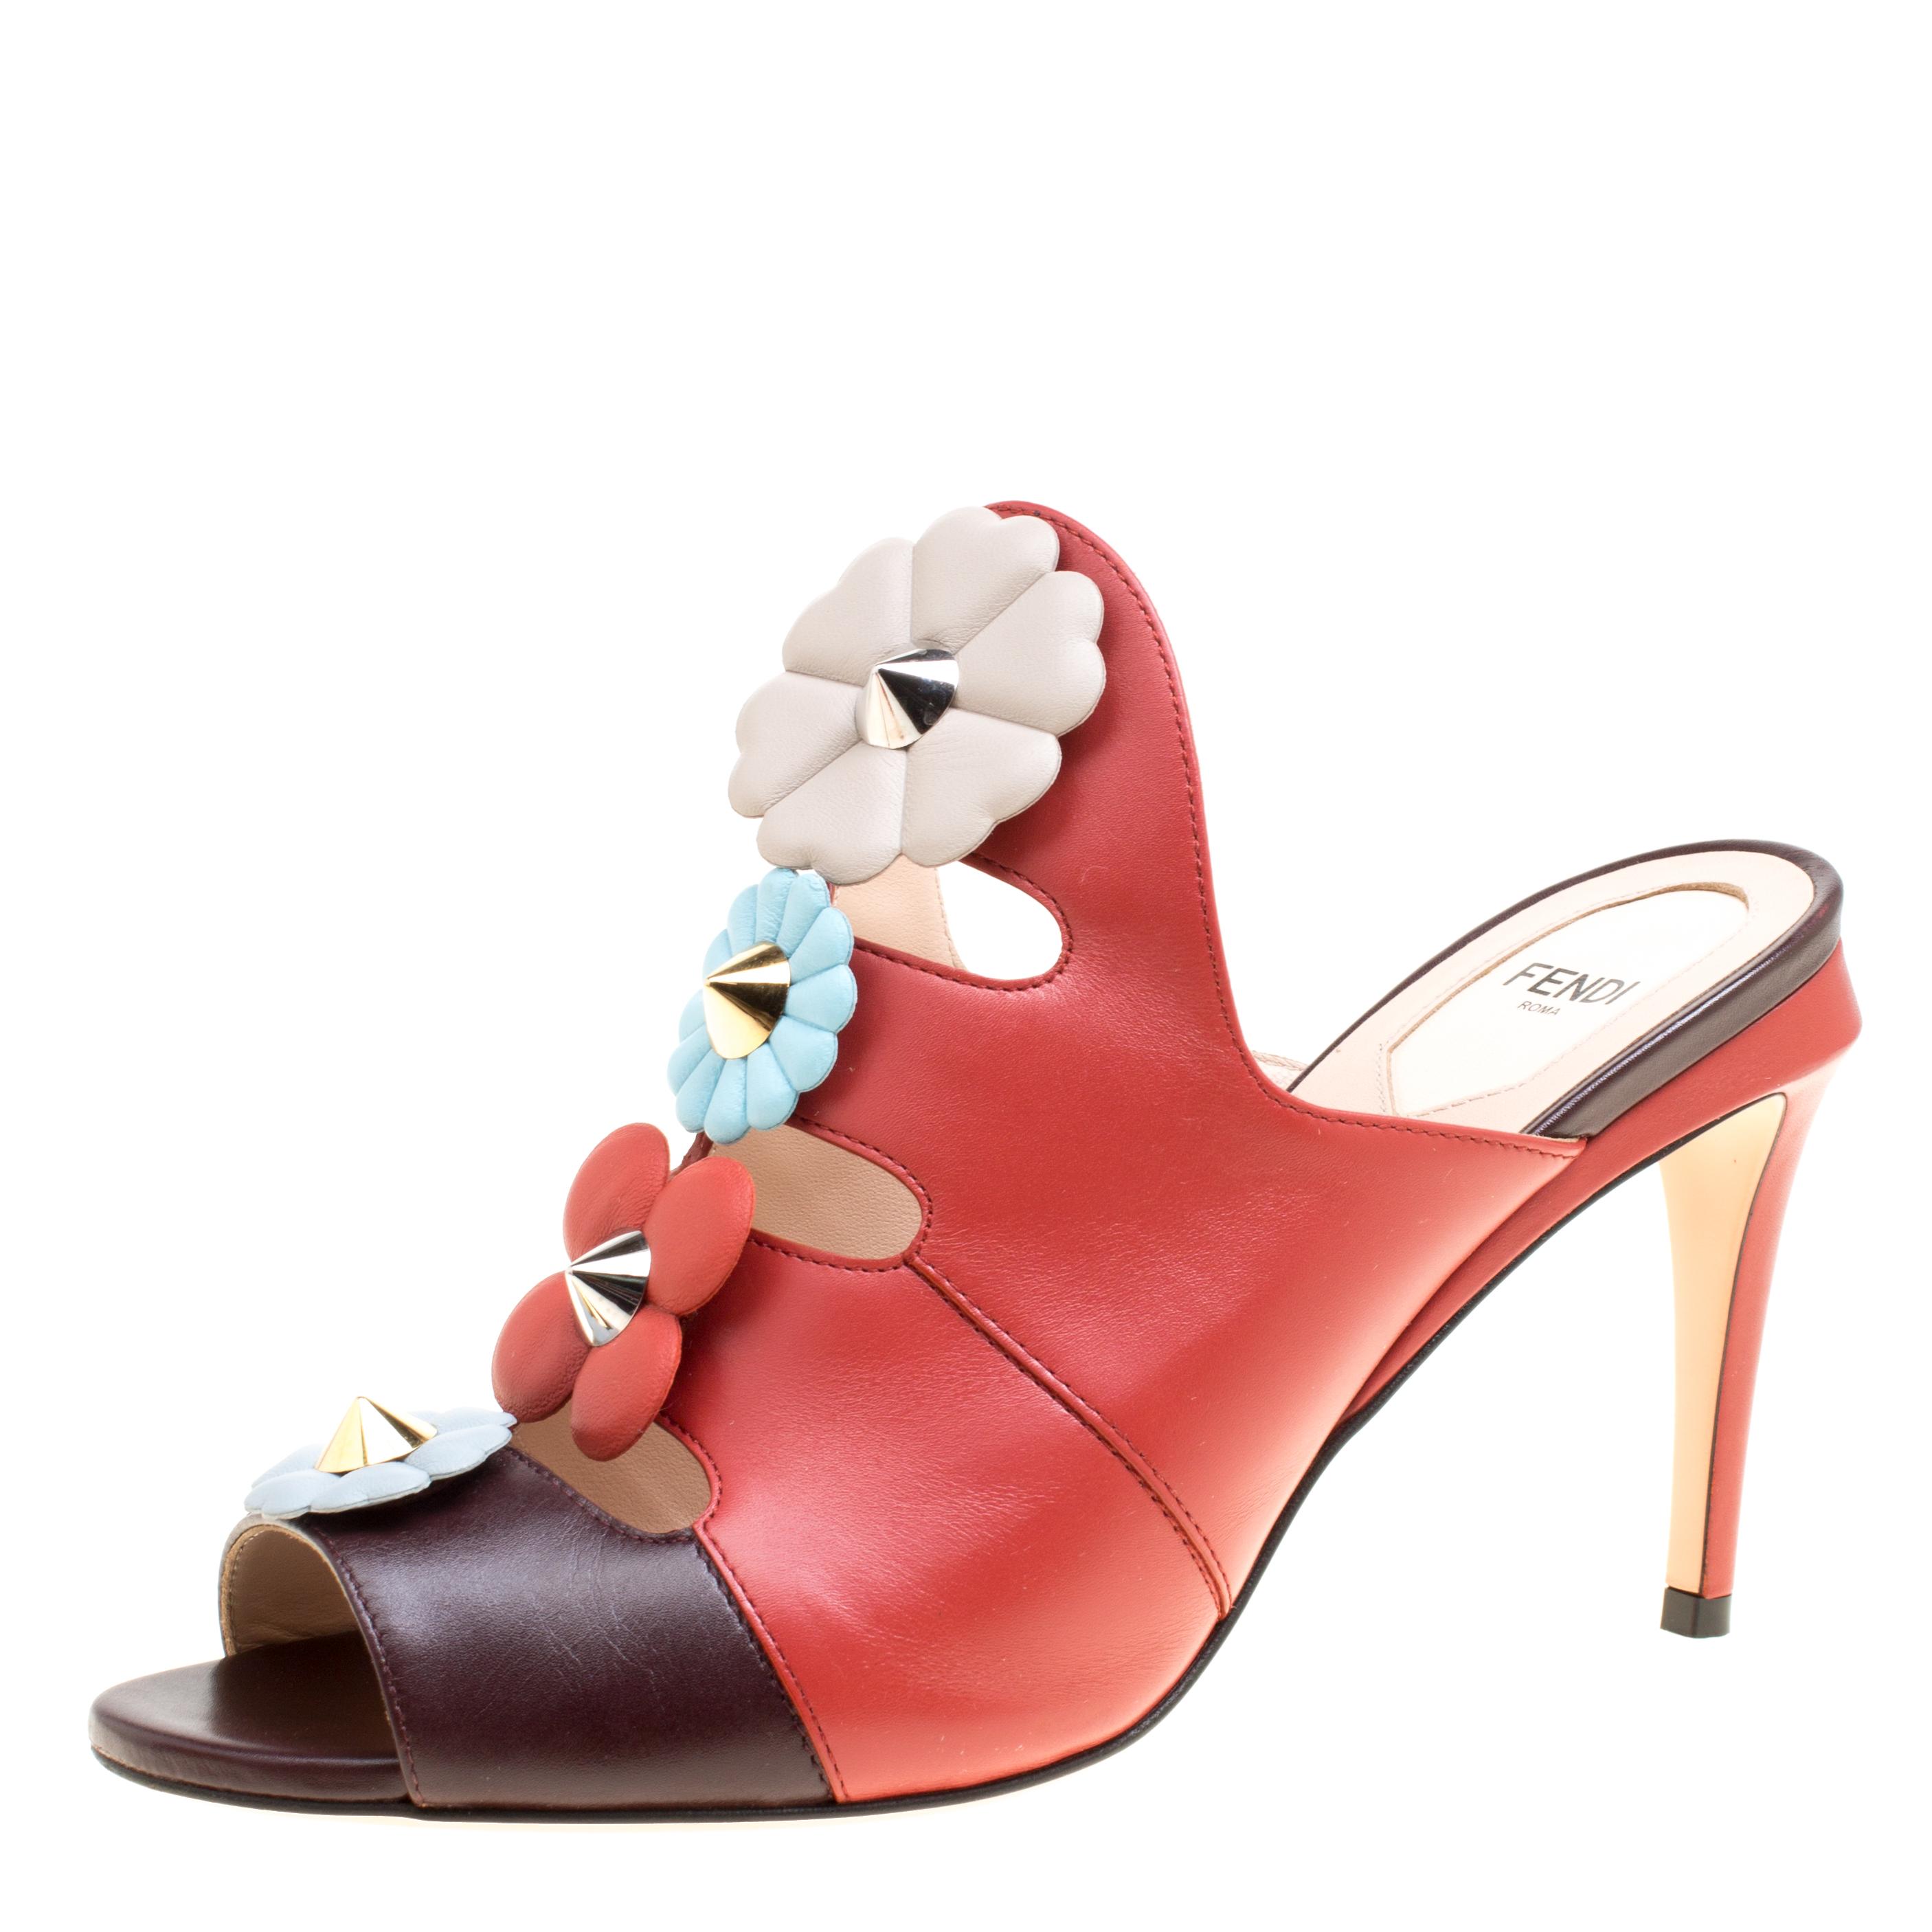 22f01480763a4c Buy Fendi Multicolor Leather Floral Applique Leather Mules Sandals ...